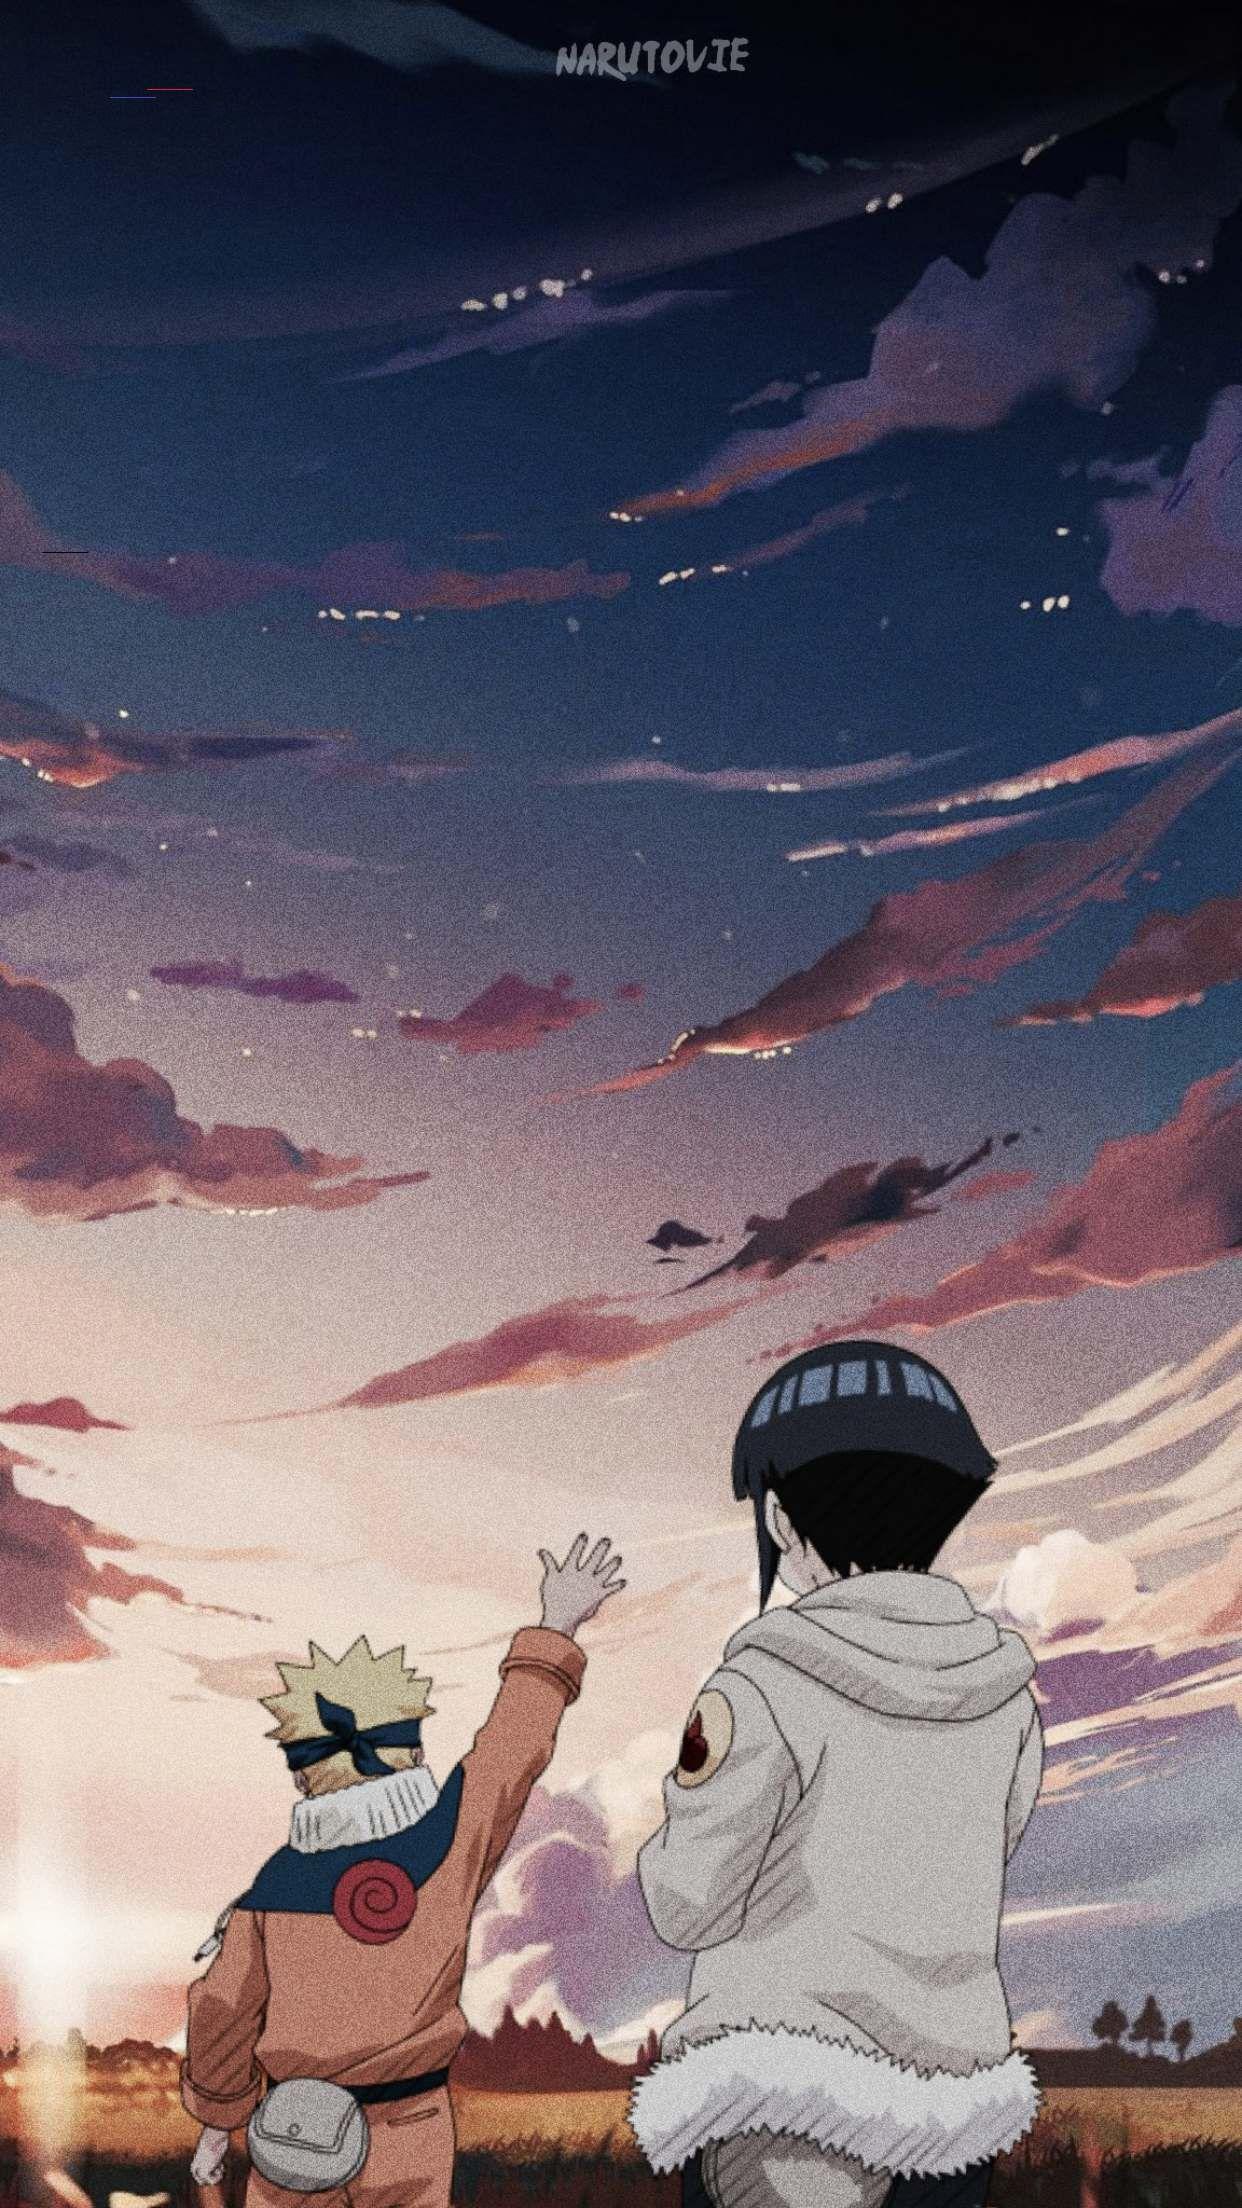 Pin by oger hunter on Naruto wallpaper Wallpaper naruto